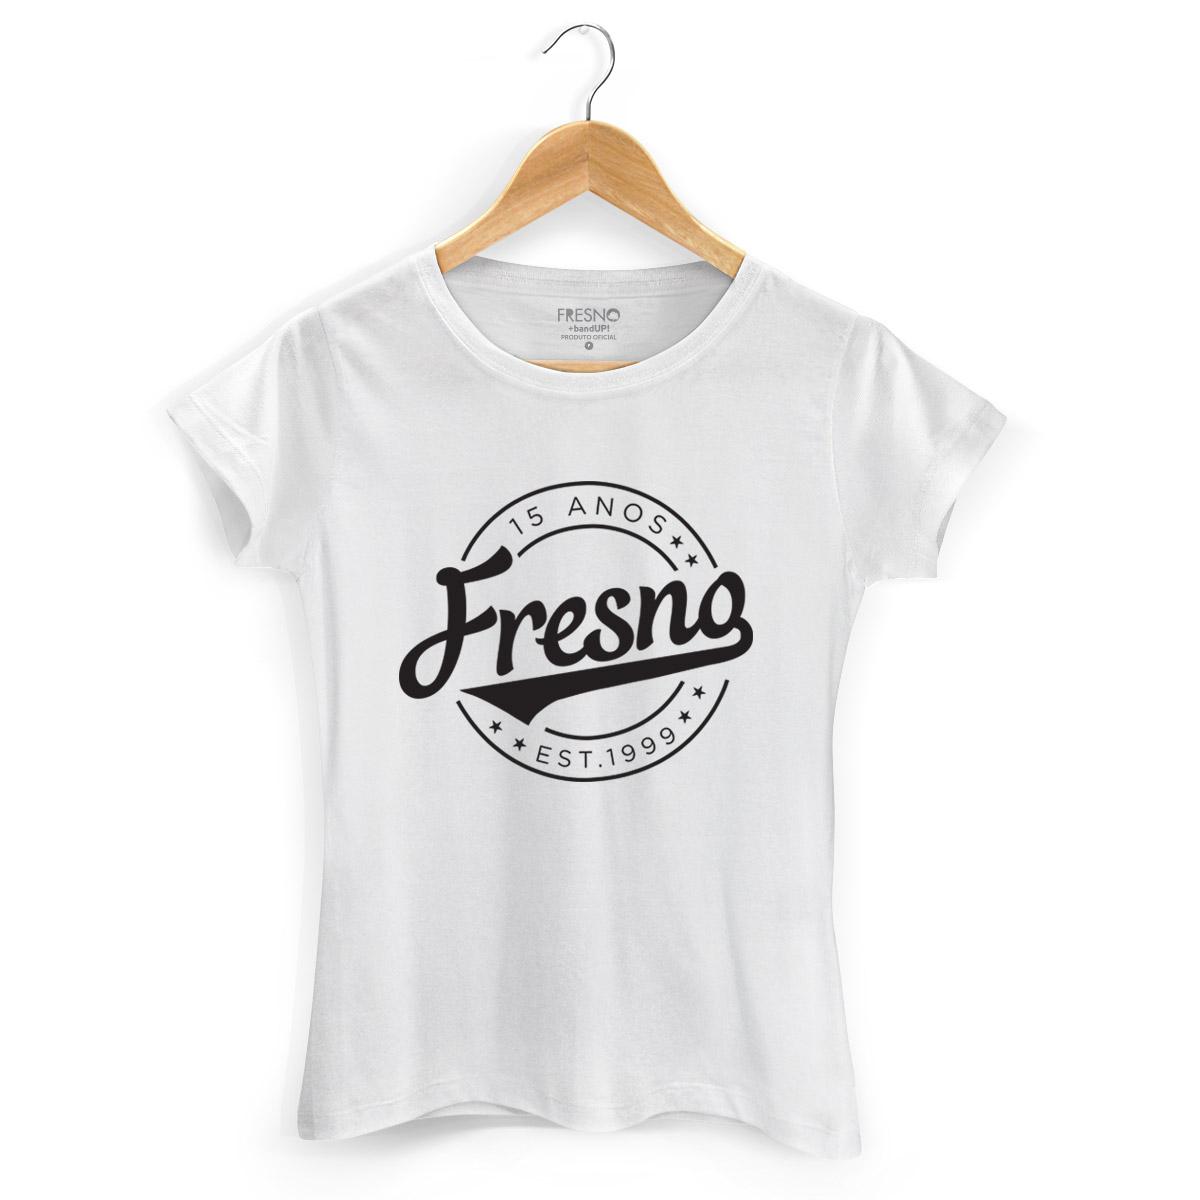 Camiseta Feminina Fresno 15 Anos Est 1999 White